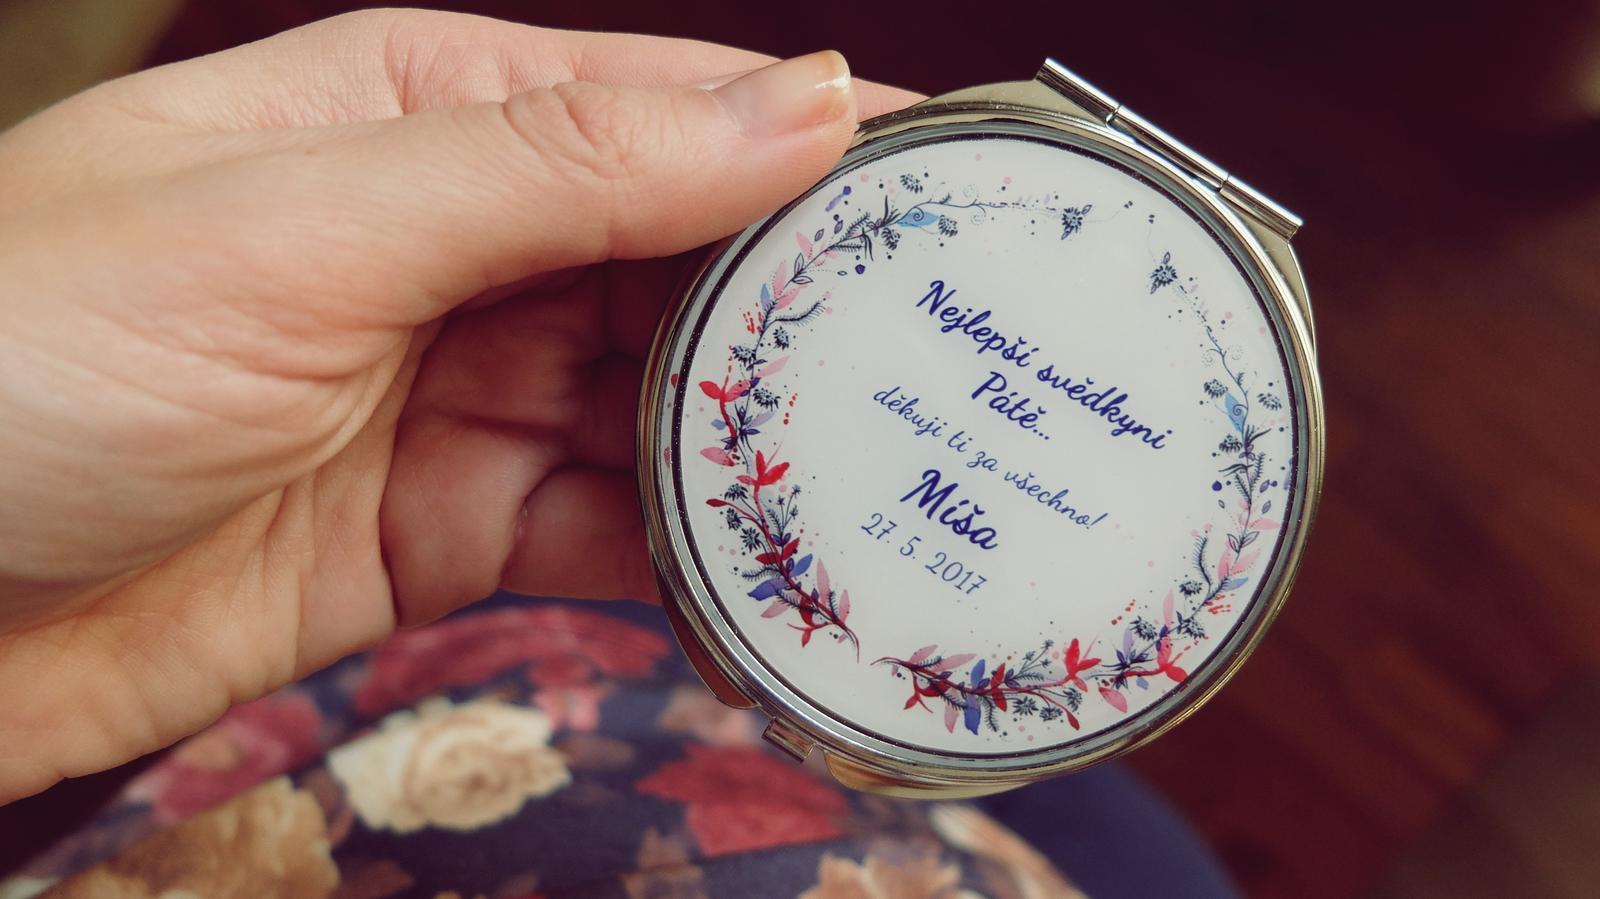 Svatby roku 2017 - Zrcátko pro svědkyni Páťu Pro návrh vlastního šperku na přání využijte náš formulář na eshopu: http://bit.ly/_sperky_na_prani